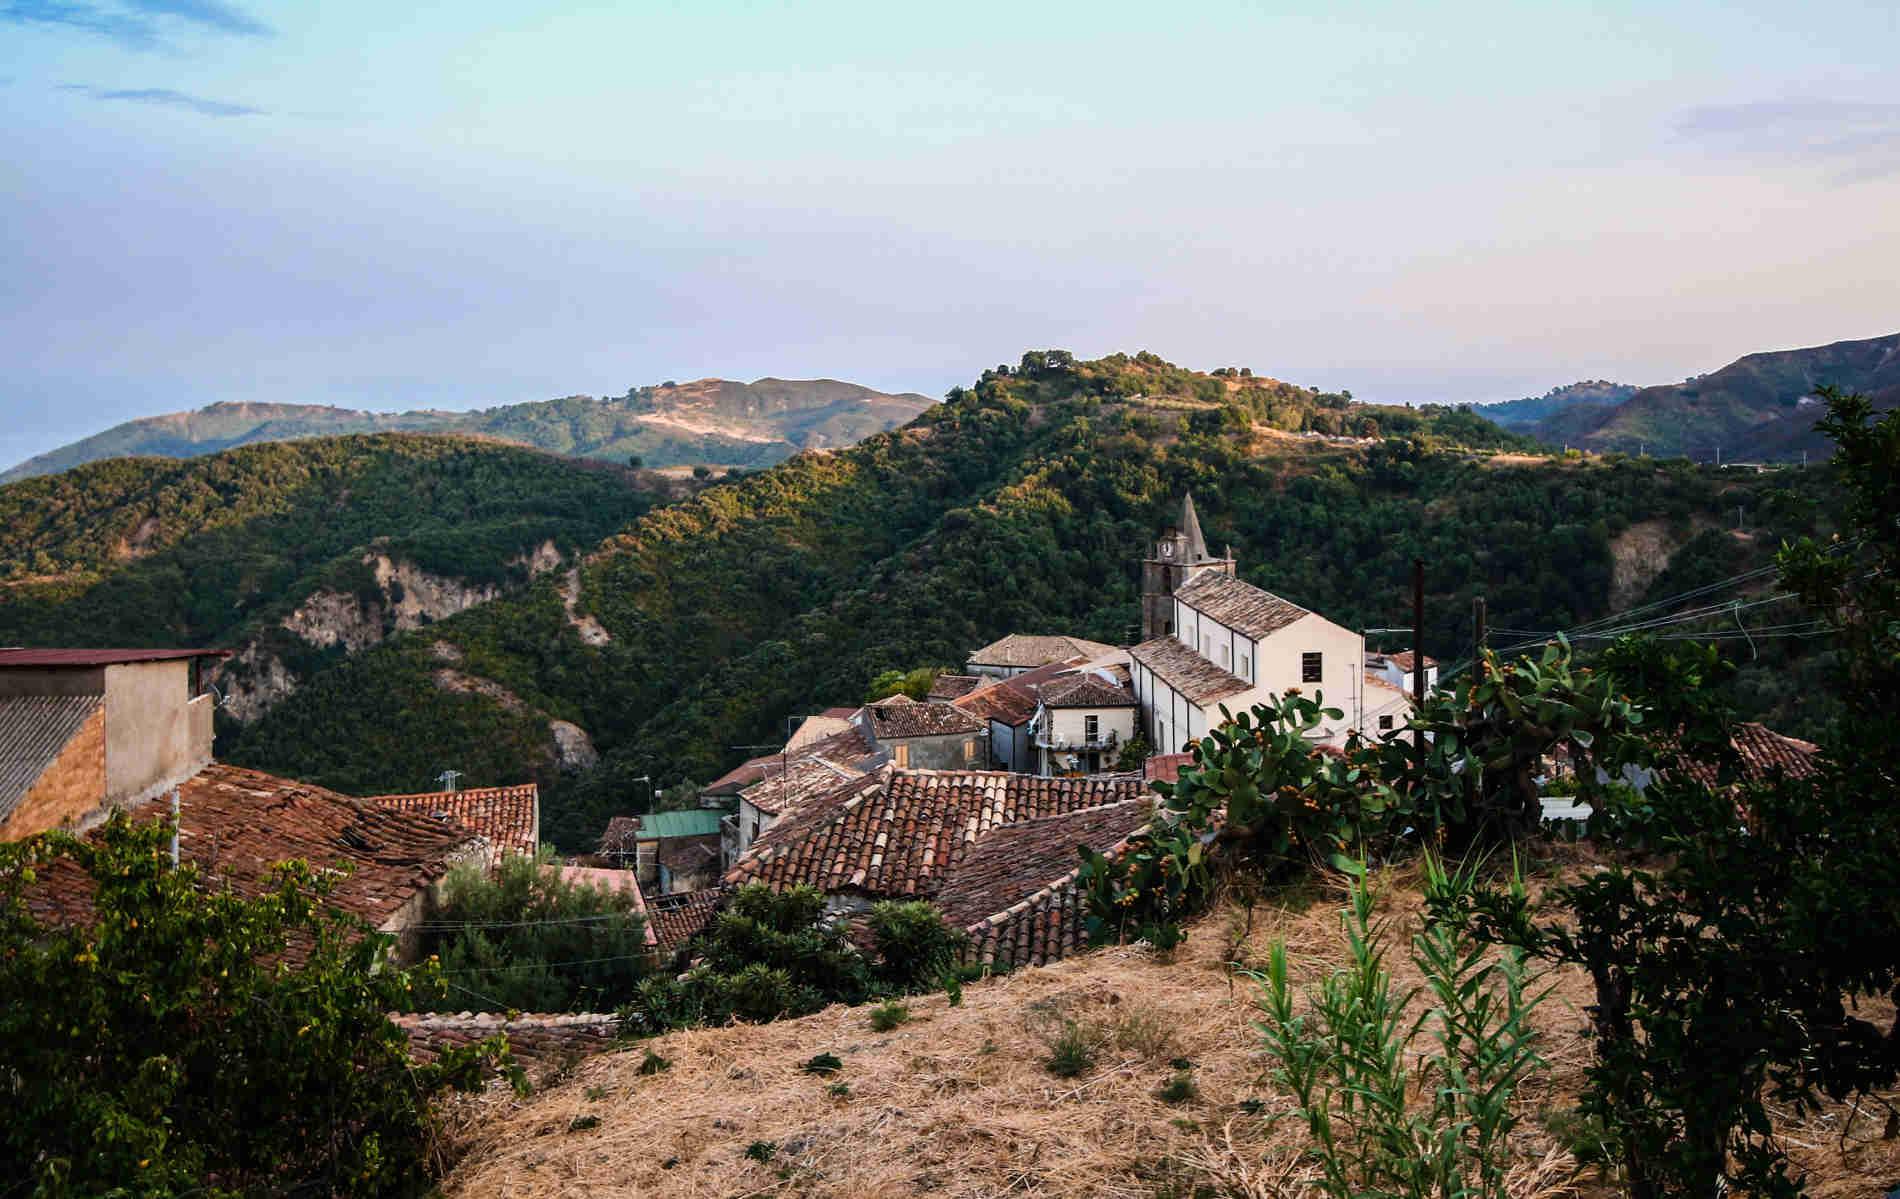 scorci del borgo bizantino di Staiti